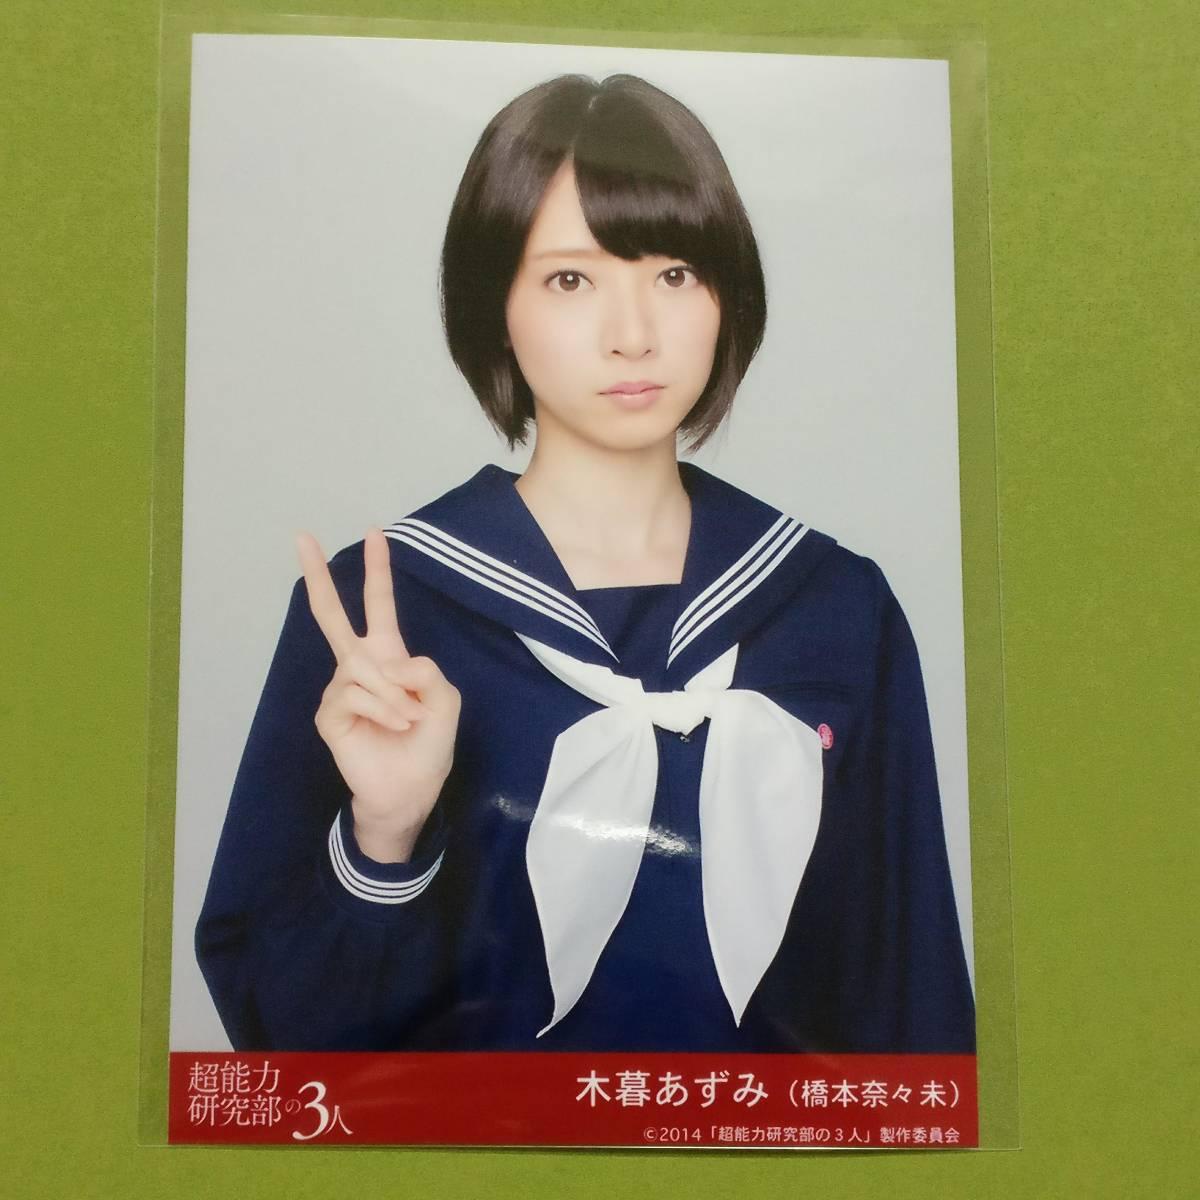 乃木坂46 橋本奈々未 超能力研究部の3人 生写真 制服 (4)